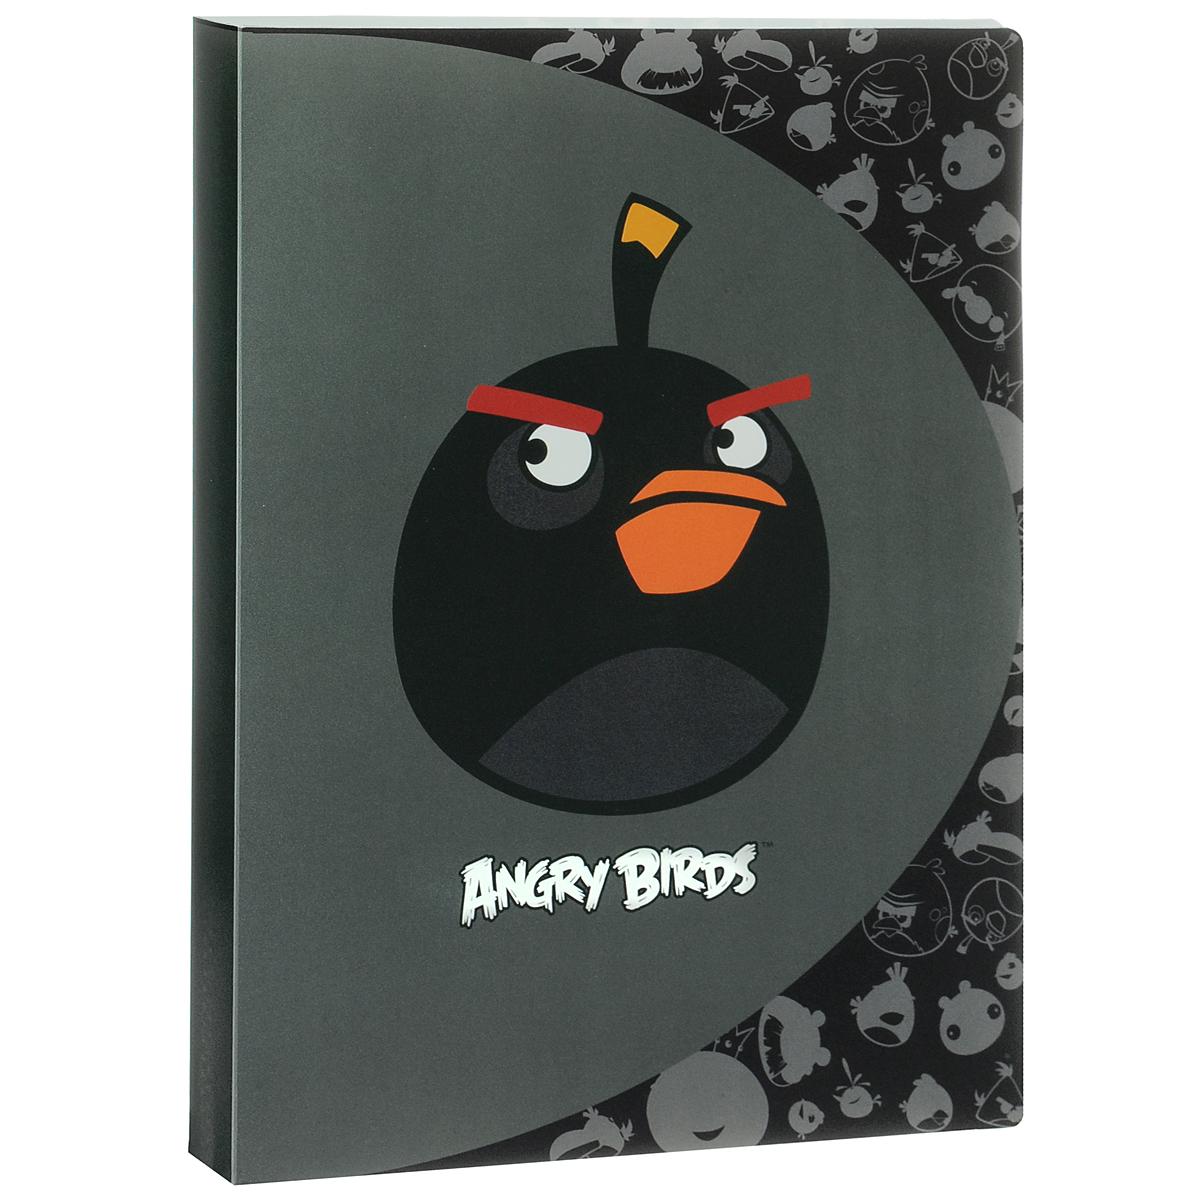 Папка Centrum Angry Birds, на 20 файлов, цвет: черный. Формат А484699ЧПапка Centrum Angry Birds - это удобный и функциональный офисный инструмент, предназначенный для хранения и транспортировки рабочих бумаг и документов формата А4.Папка изготовлена из прочного высококачественного пластика и включает в себя 20 прозрачных вкладышей-файлов. Обложка папки выполнена из матового пластика и оформлена изображением сердитой птички из игры Angry Birds. Папка имеет опрятный и неброский вид. Уголки папки имеют закругленную форму, что предотвращает их загибание и помогает надолго сохранить опрятный вид обложки.Папка - это незаменимый атрибут для любого студента или школьника. Такая папка надежно сохранит ваши бумаги и сбережет их от повреждений, пыли и влаги, а забавные птички обязательно поднимут вам настроение!